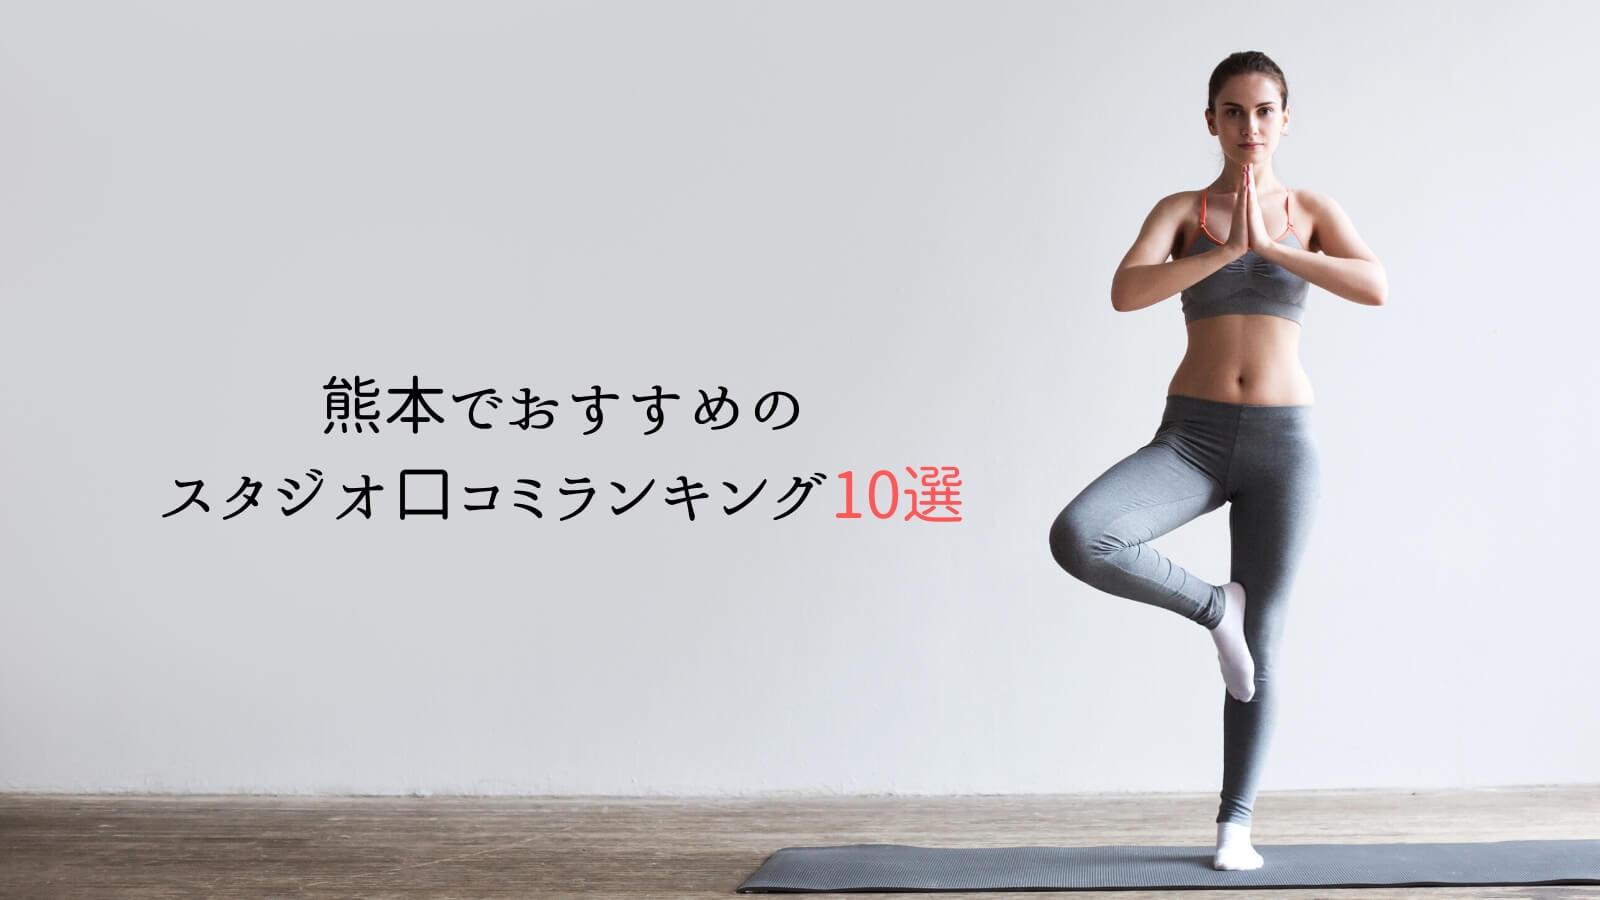 熊本でおすすめのピラティススタジオランキング10選